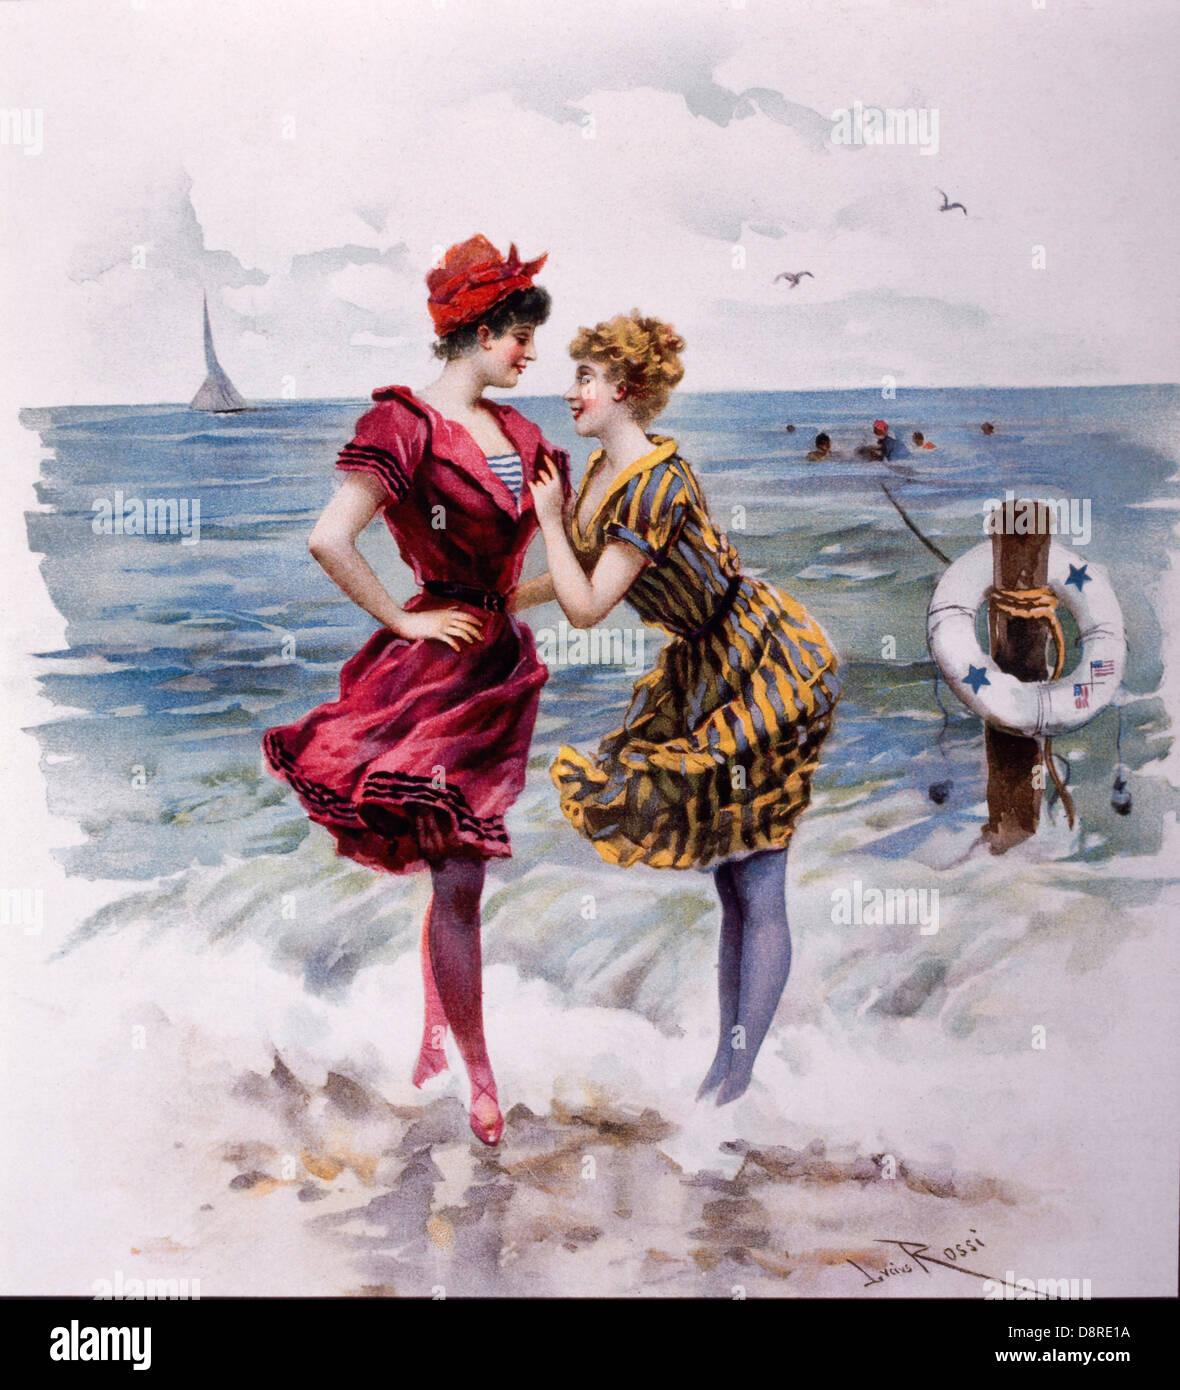 Zwei Frauen in Baden Kostüme am Strand, Illustration von Julius Rossi, Wahrheit Magazine, 1893 Stockbild